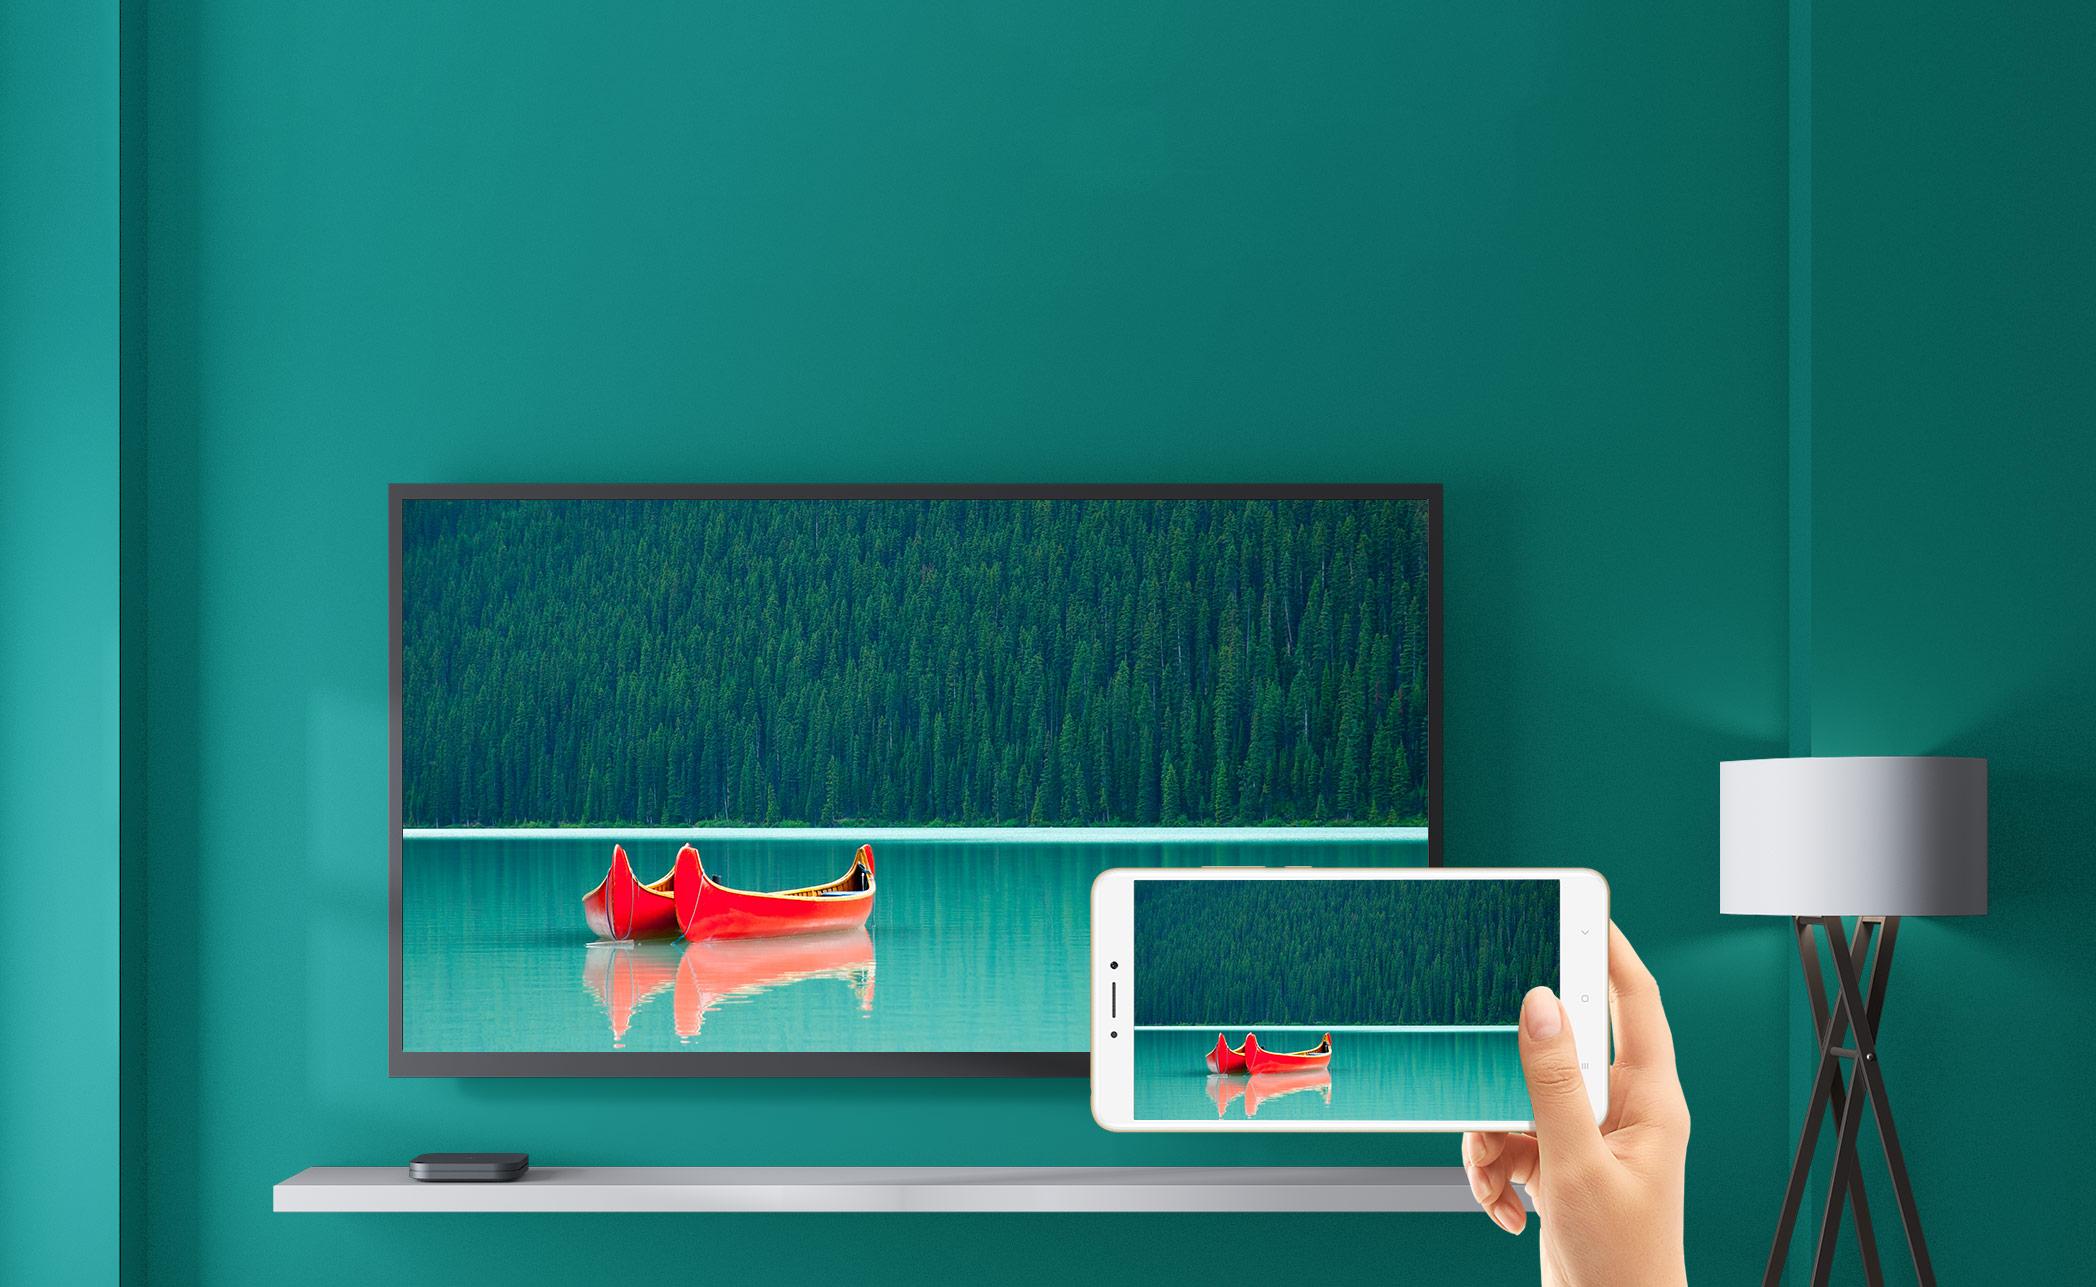 [Bản quốc tế] Android Tivi Box Xiaomi Mibox S 4K (Android 8.1) Phân phối bởi Digiword - Hàng chính hãng